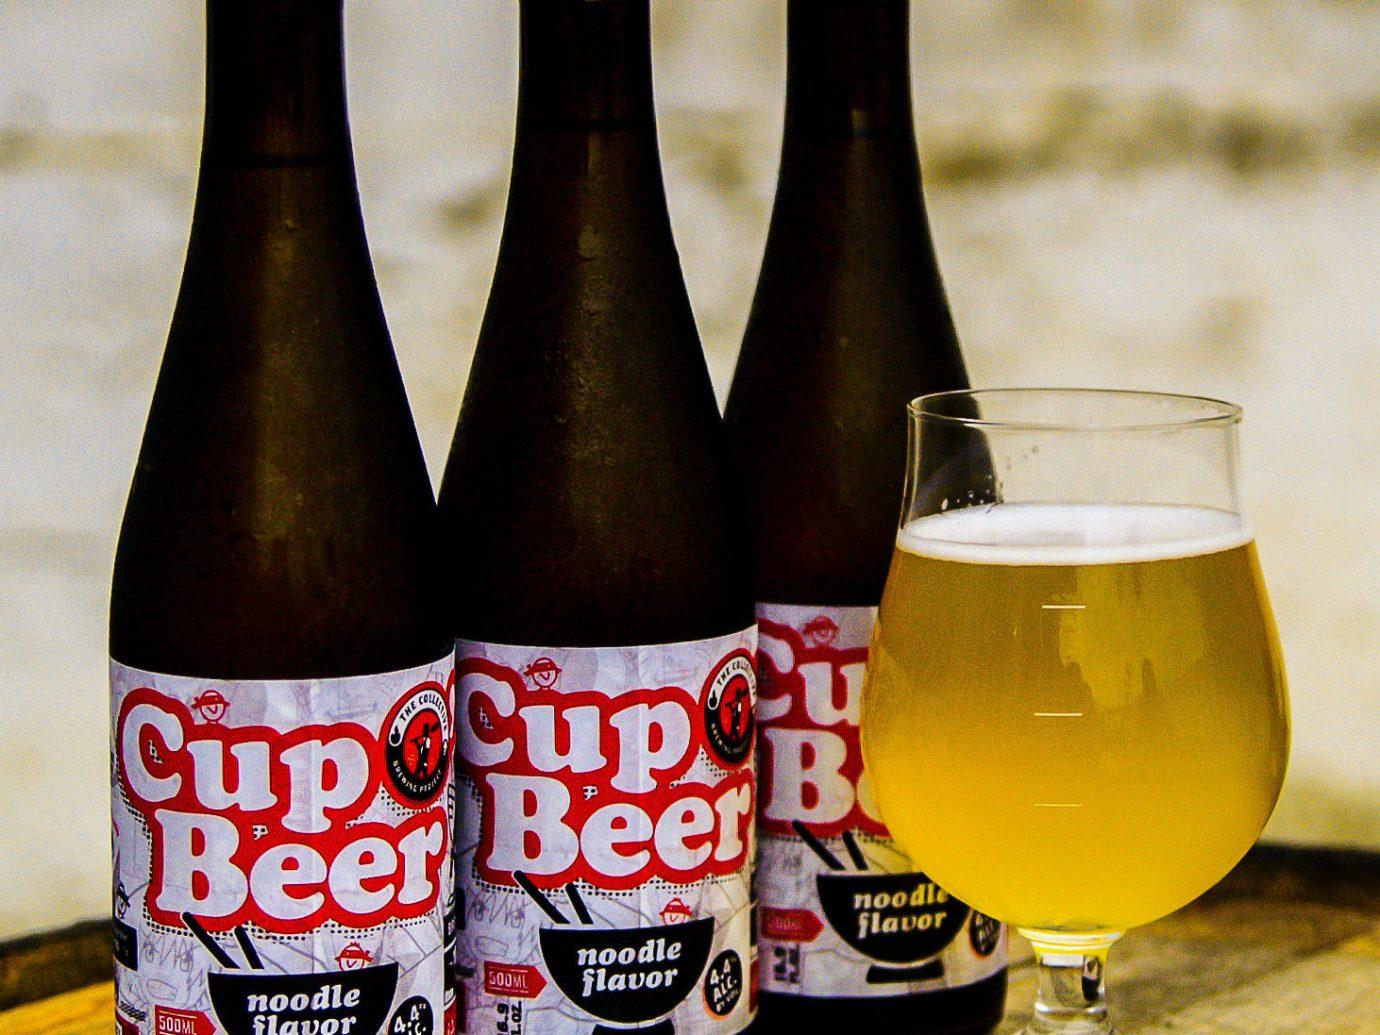 Offbeat bottle table wine indoor Drink beer alcoholic beverage glass bottle beer bottle ale pint us alcohol beverage